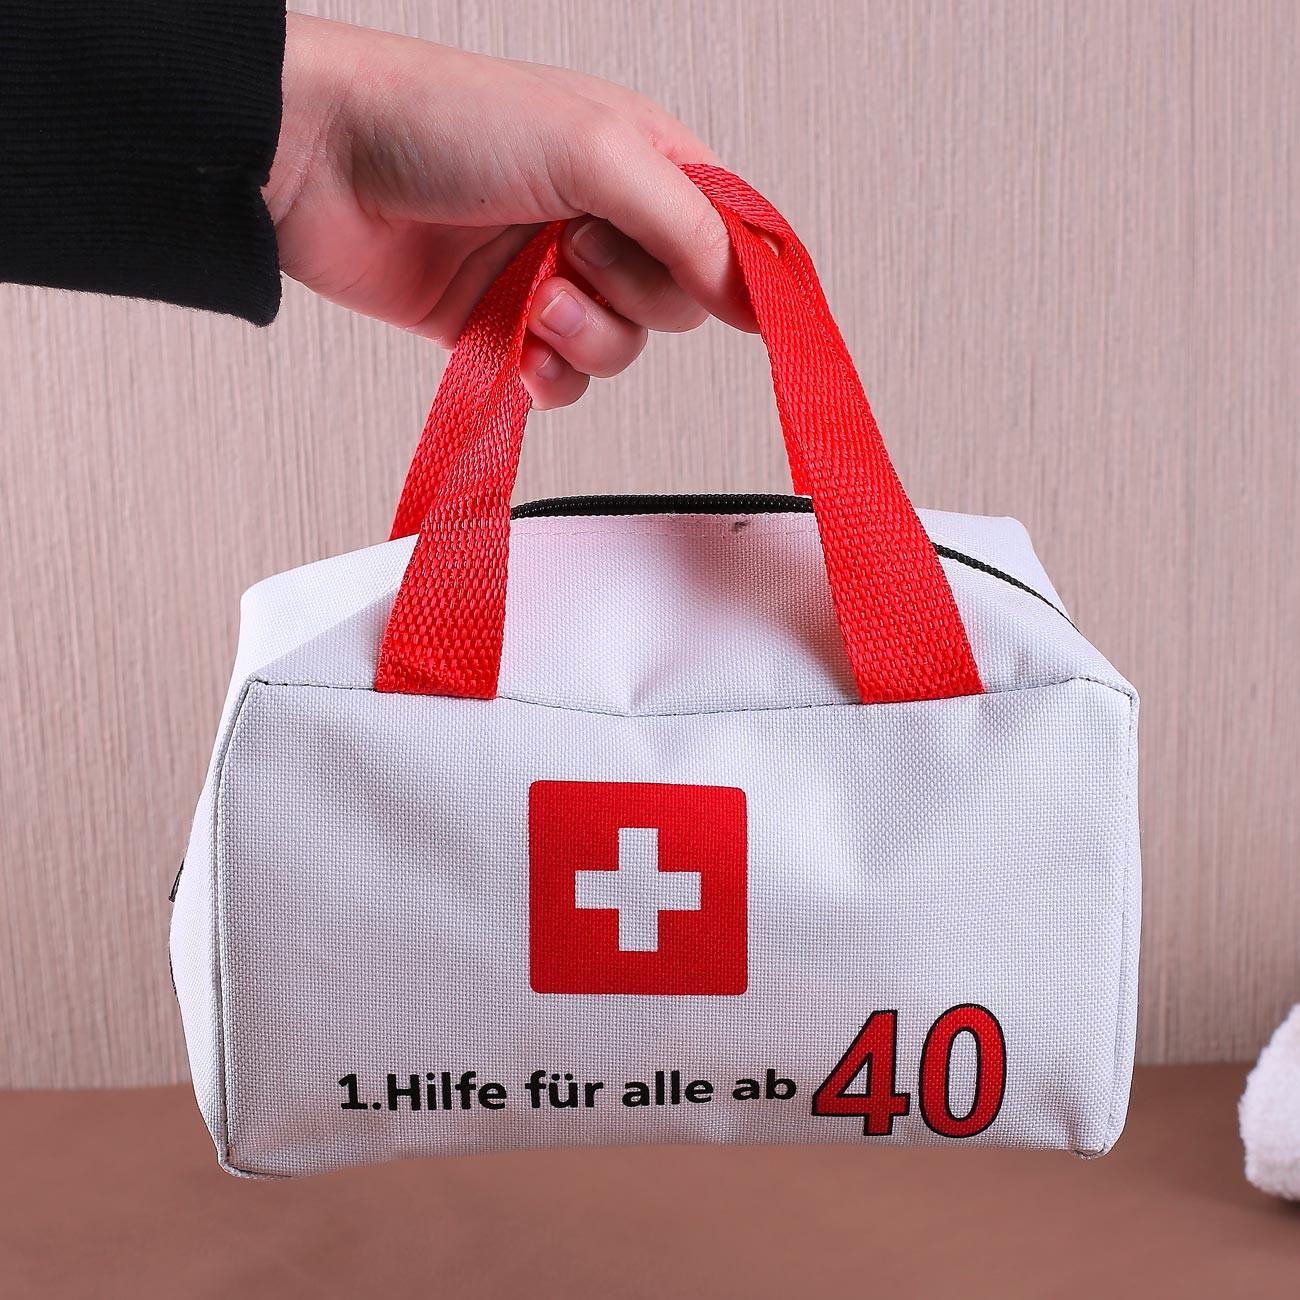 Geschenke Zum 40 Mann  kleiner Notfallkoffer zum 40 Geburtstag